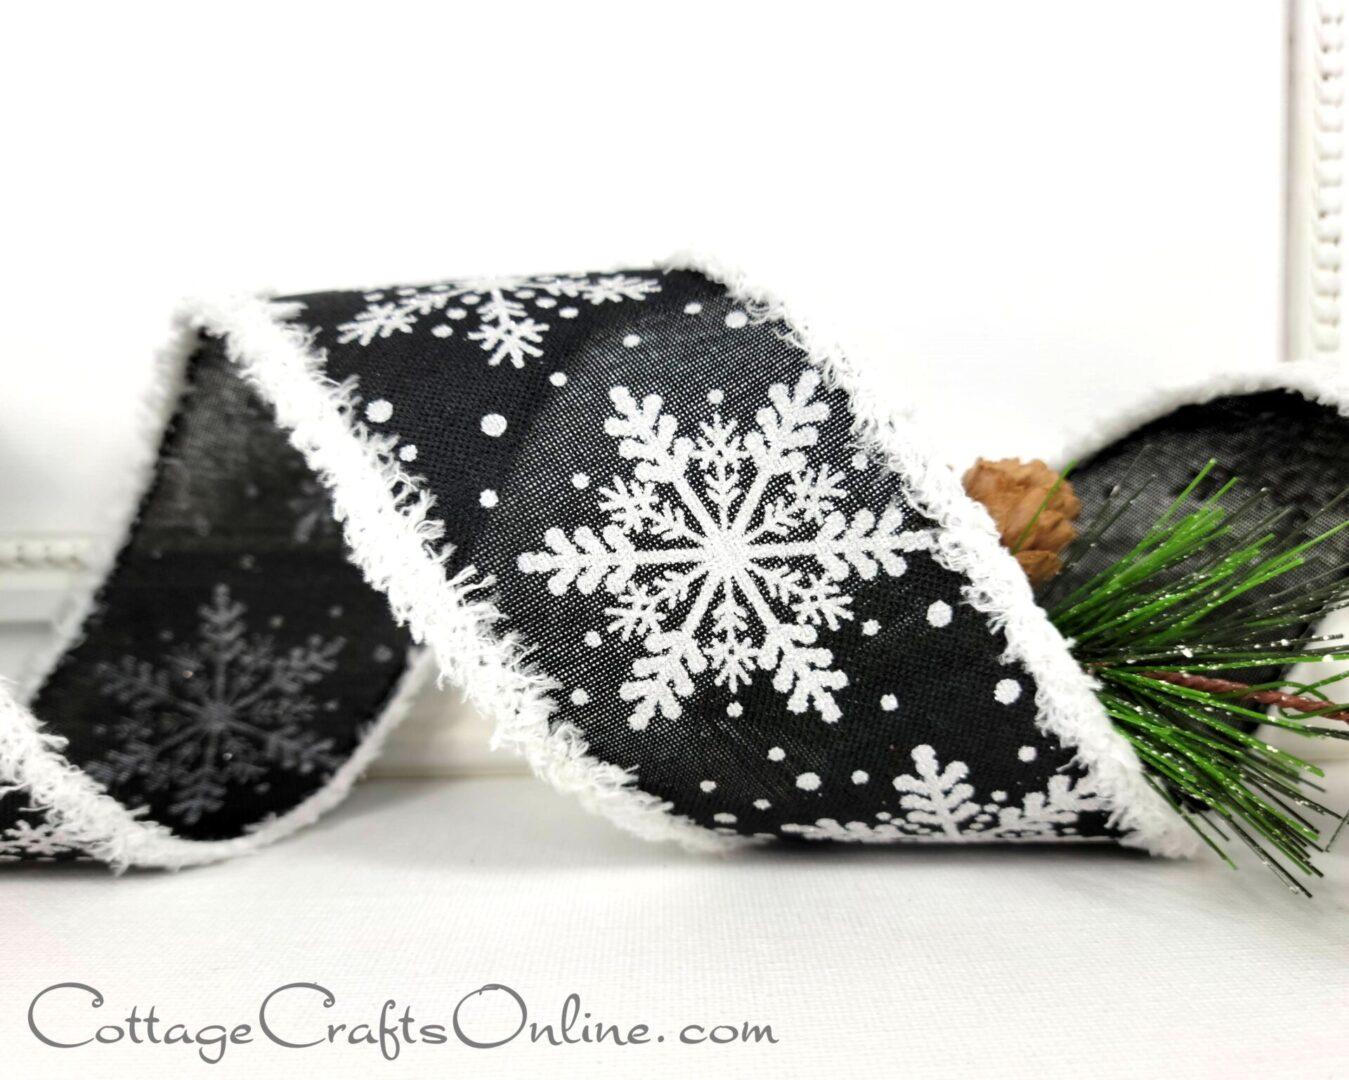 black snowflake snowy edge christmas cb 40-006